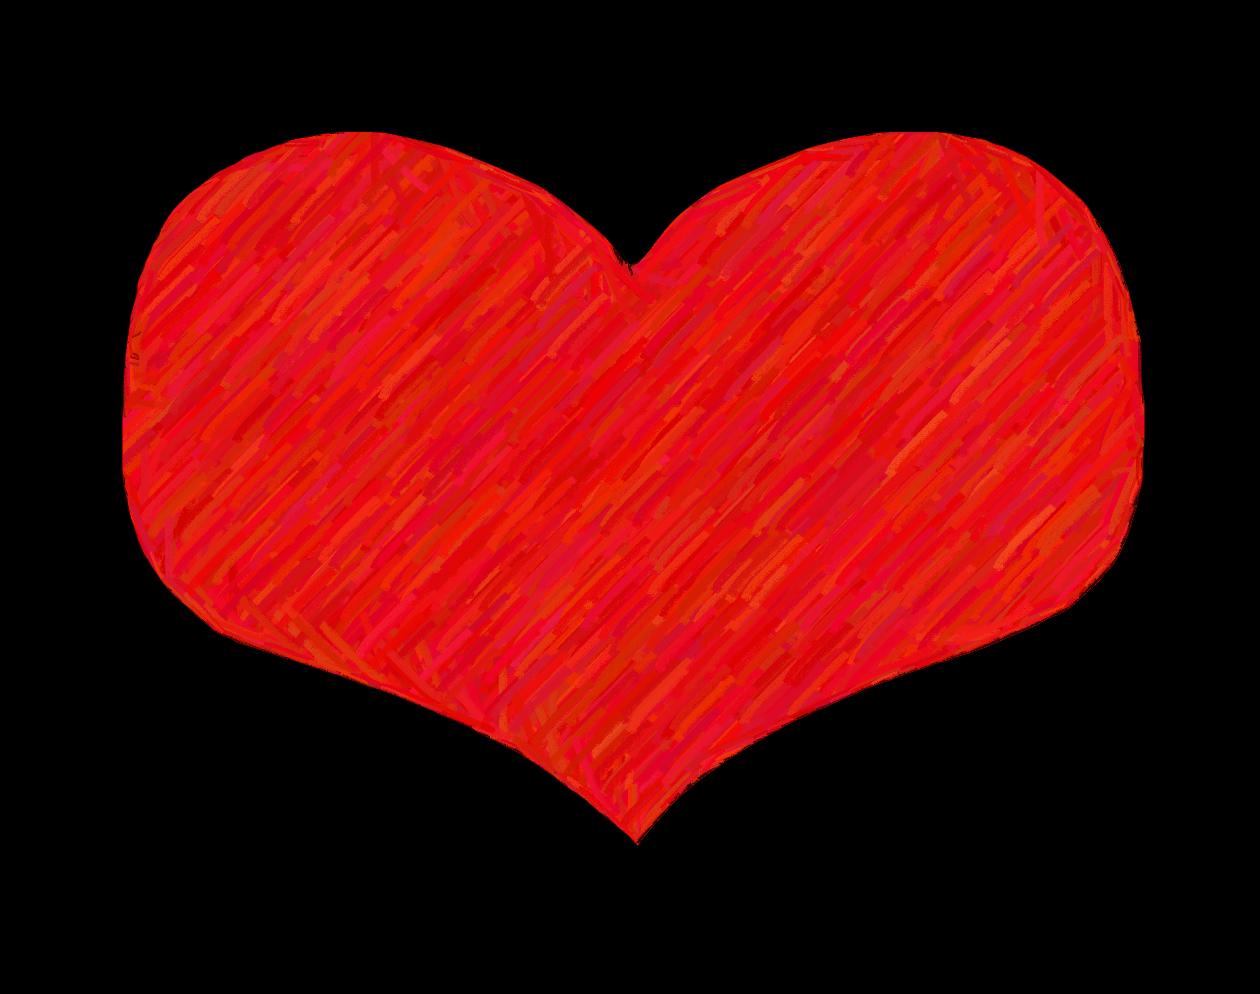 Best heart clipart.